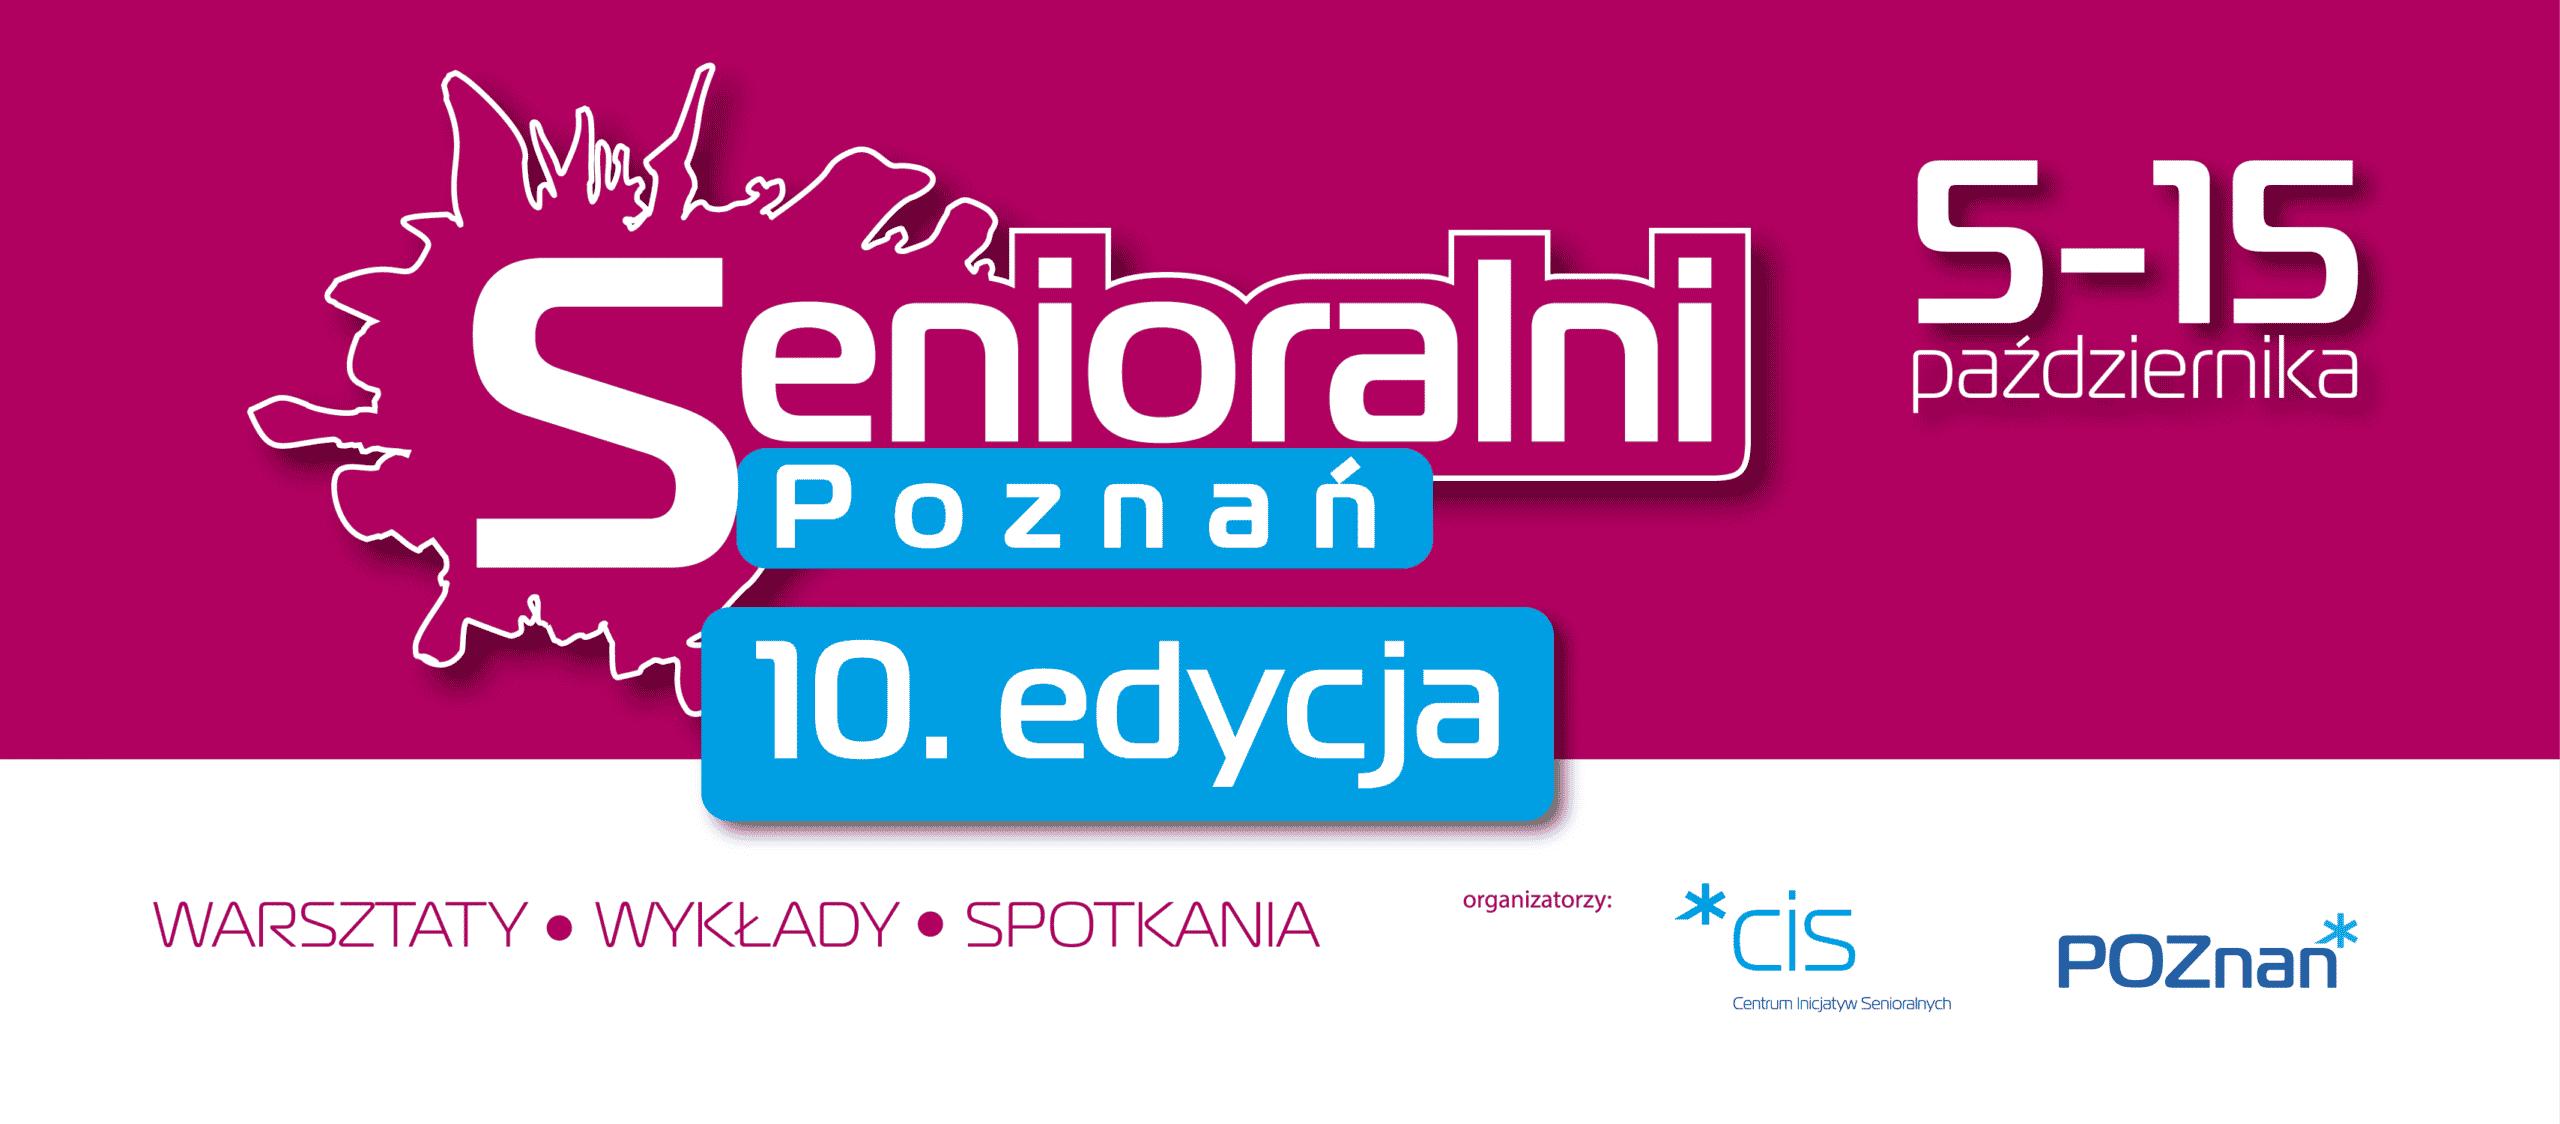 10 edycja Senioralni.Poznań 2020